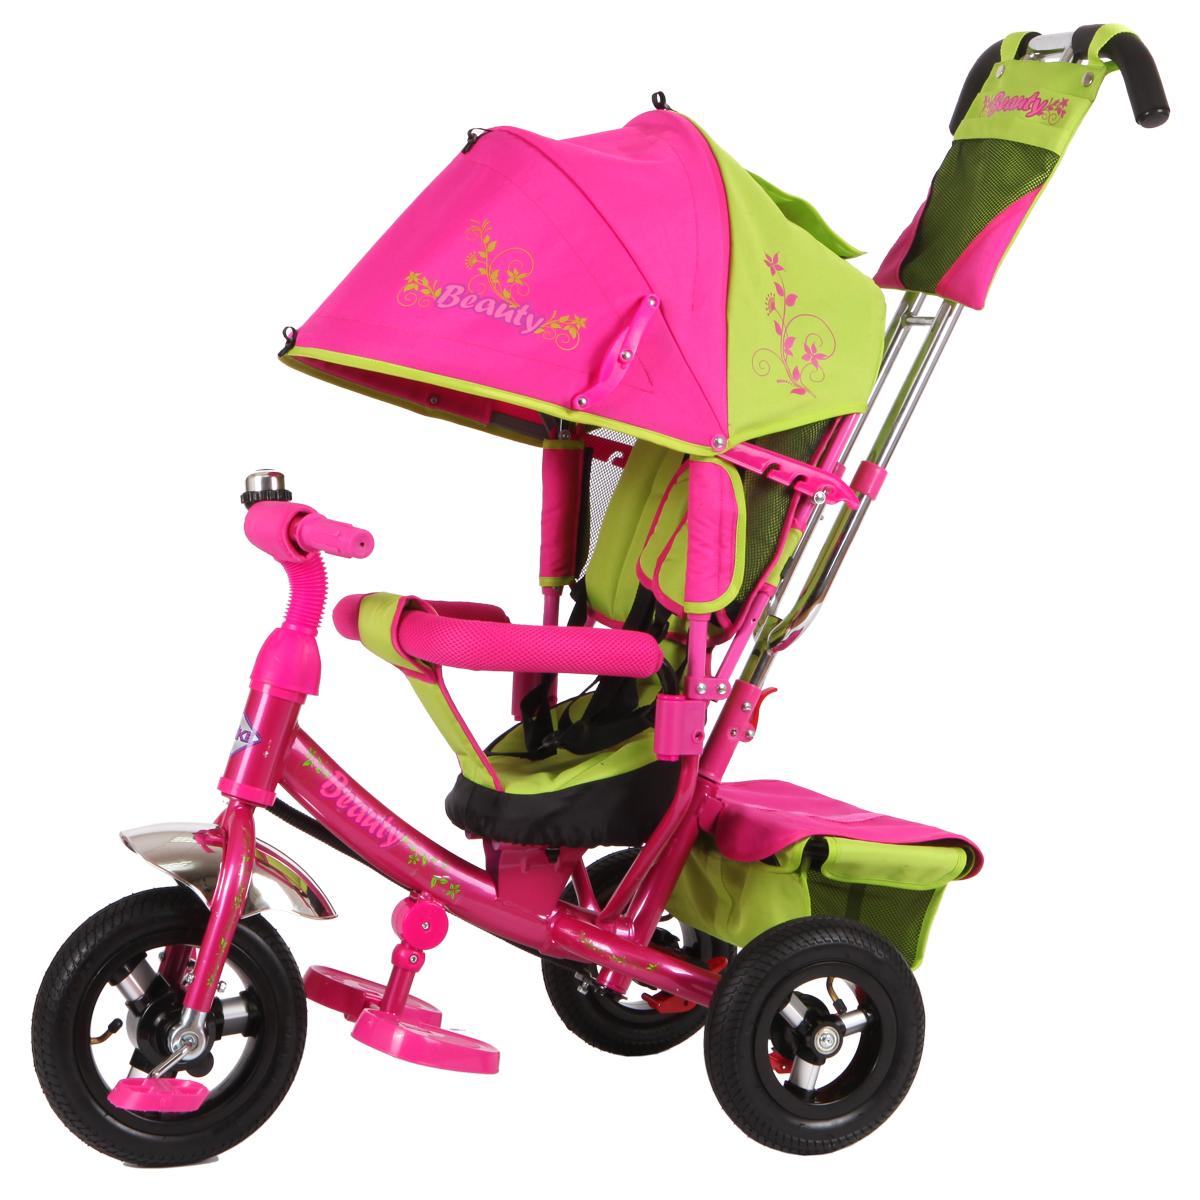 Beauty Велосипед трехколесный цвет зеленый розовый BA2GP - Велосипеды-каталки